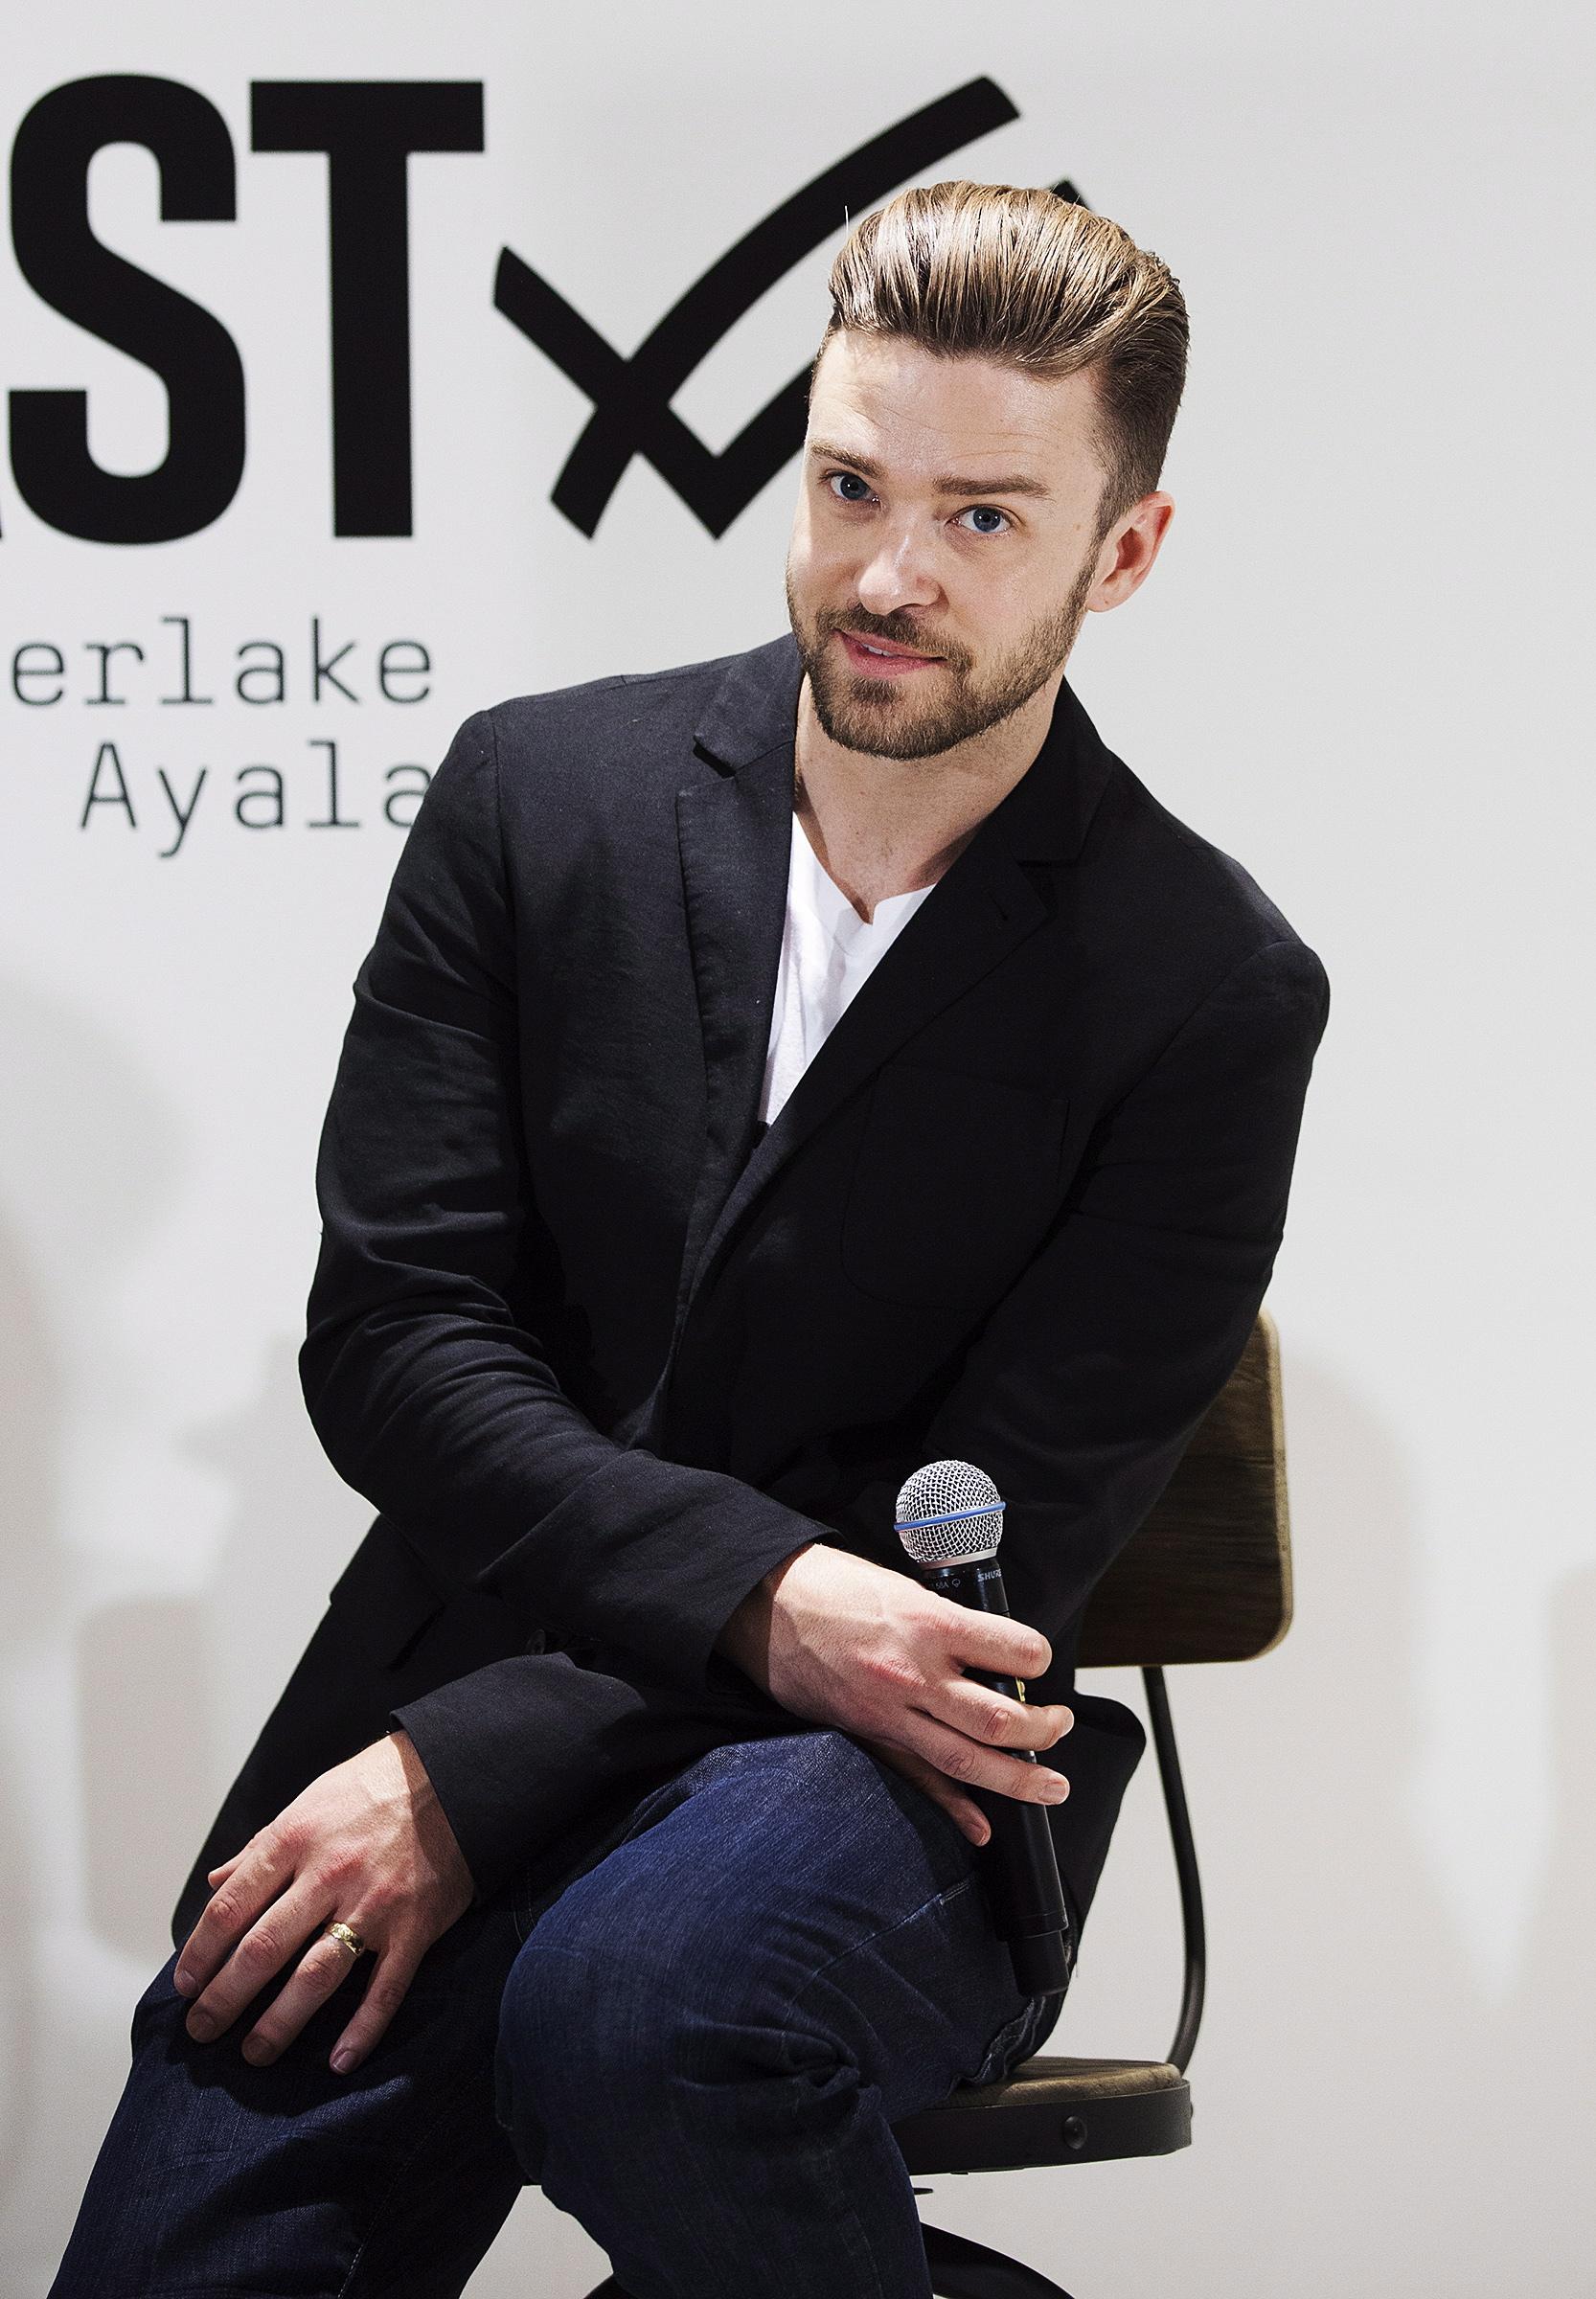 Justin Timberlake promotes the Justin Timberlake